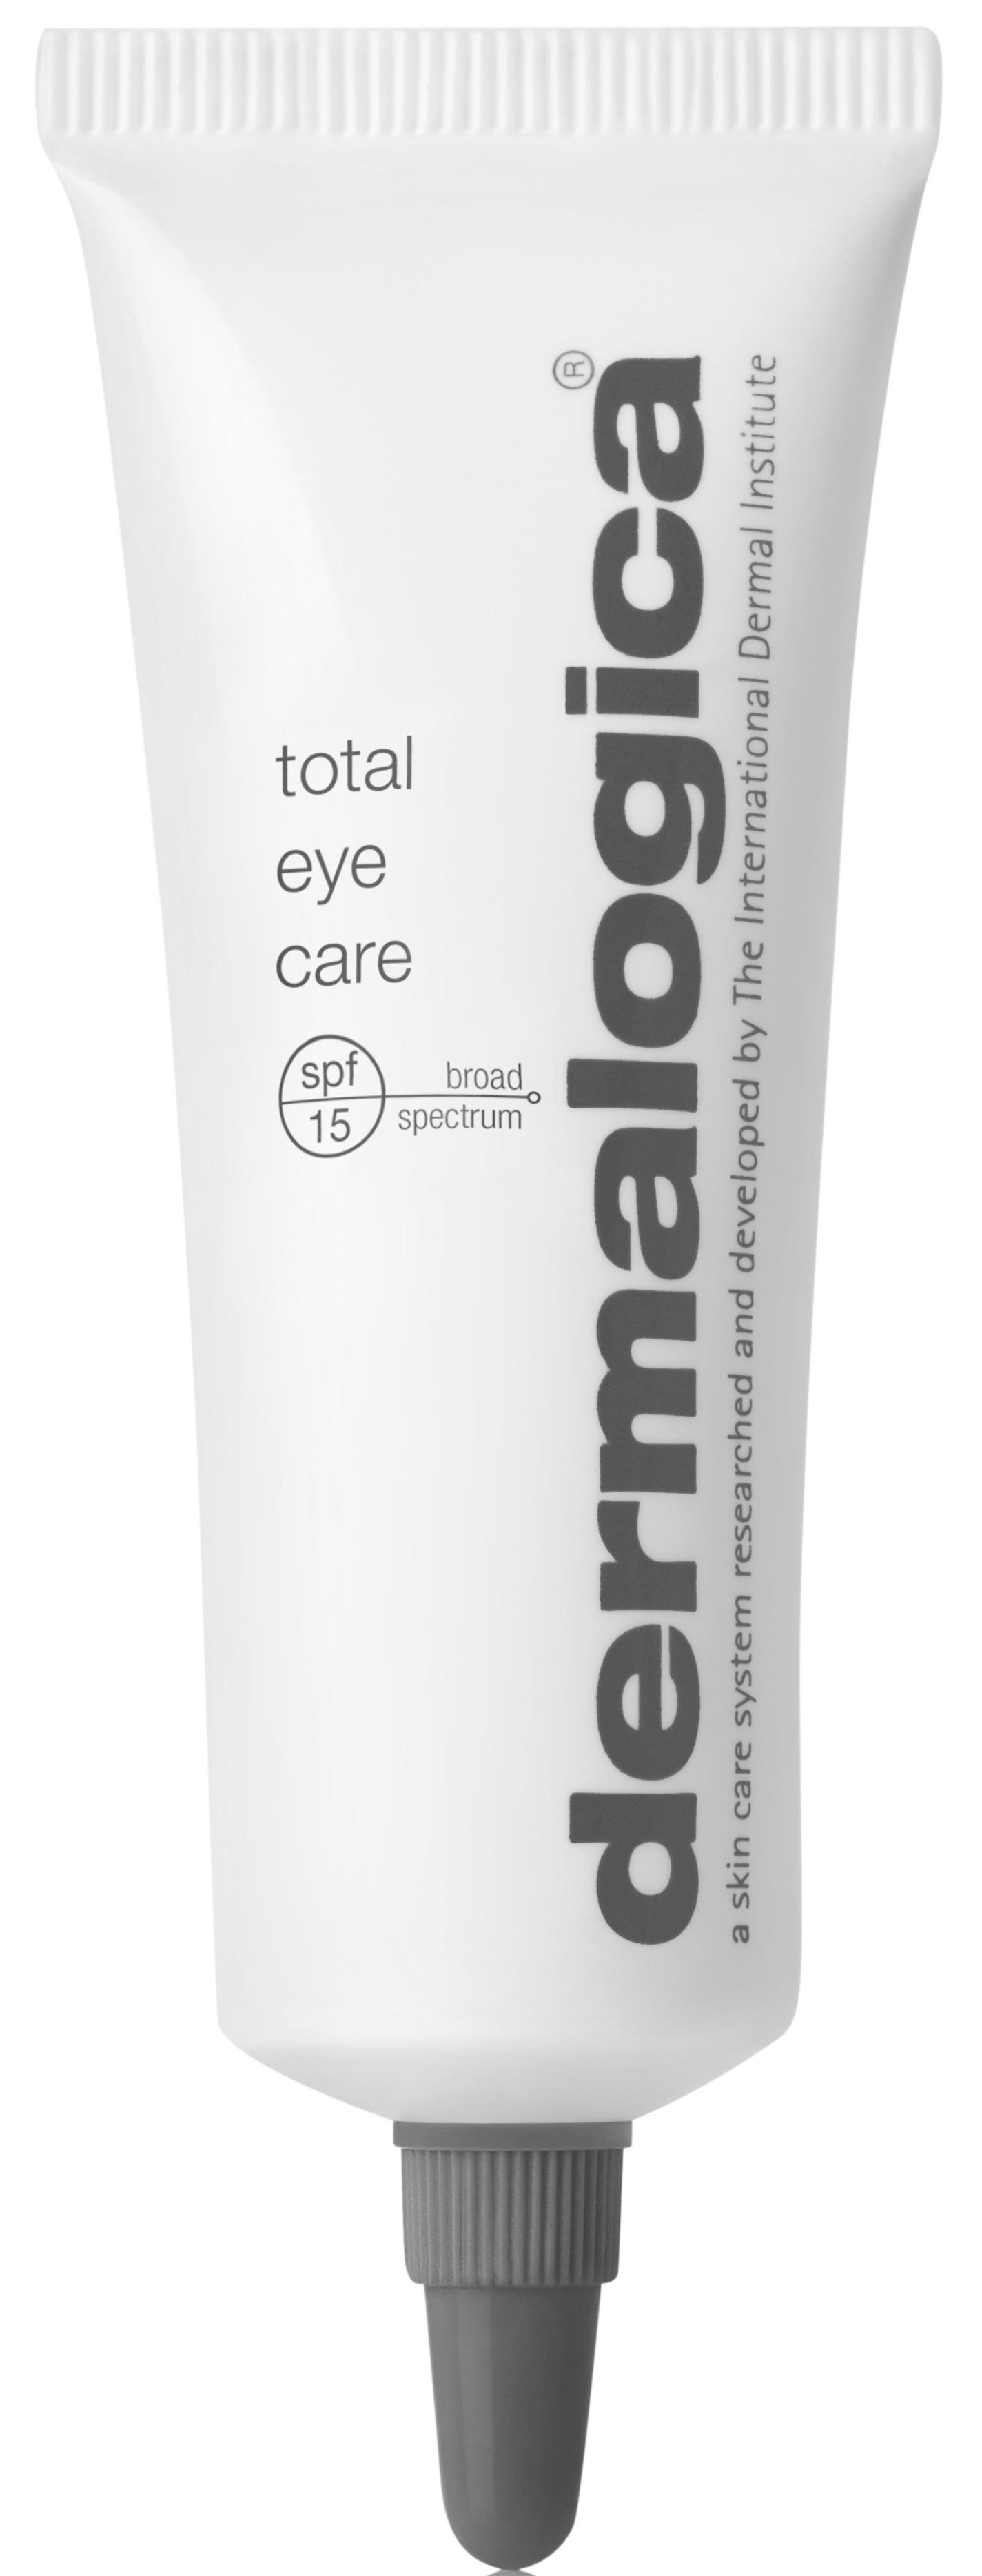 bästa ögonkrämen dermalogica